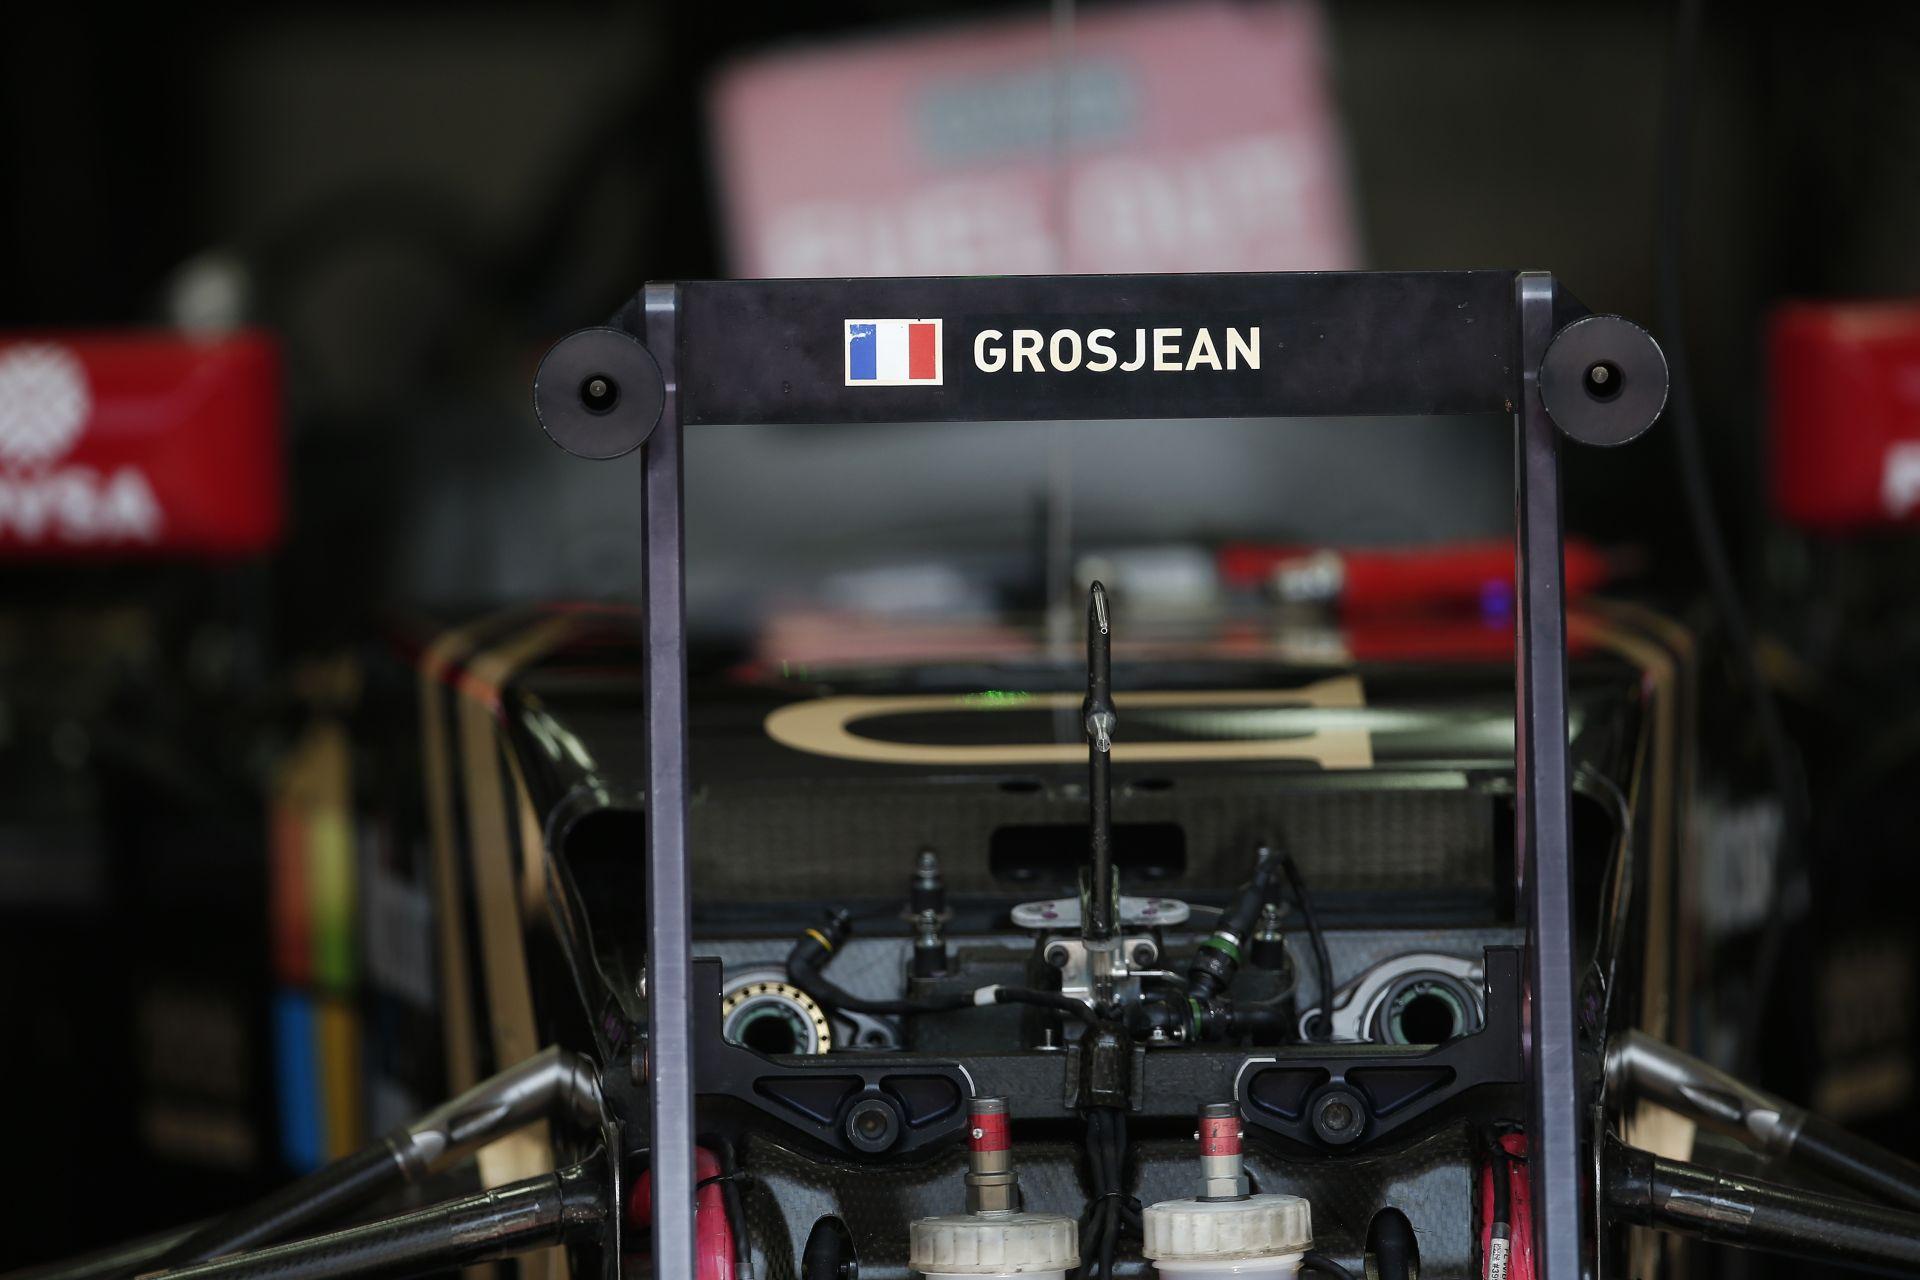 Alonso teljesen hátul van, de ugyanolyan jó, mint korábban: Grosjean nehéz helyzetben